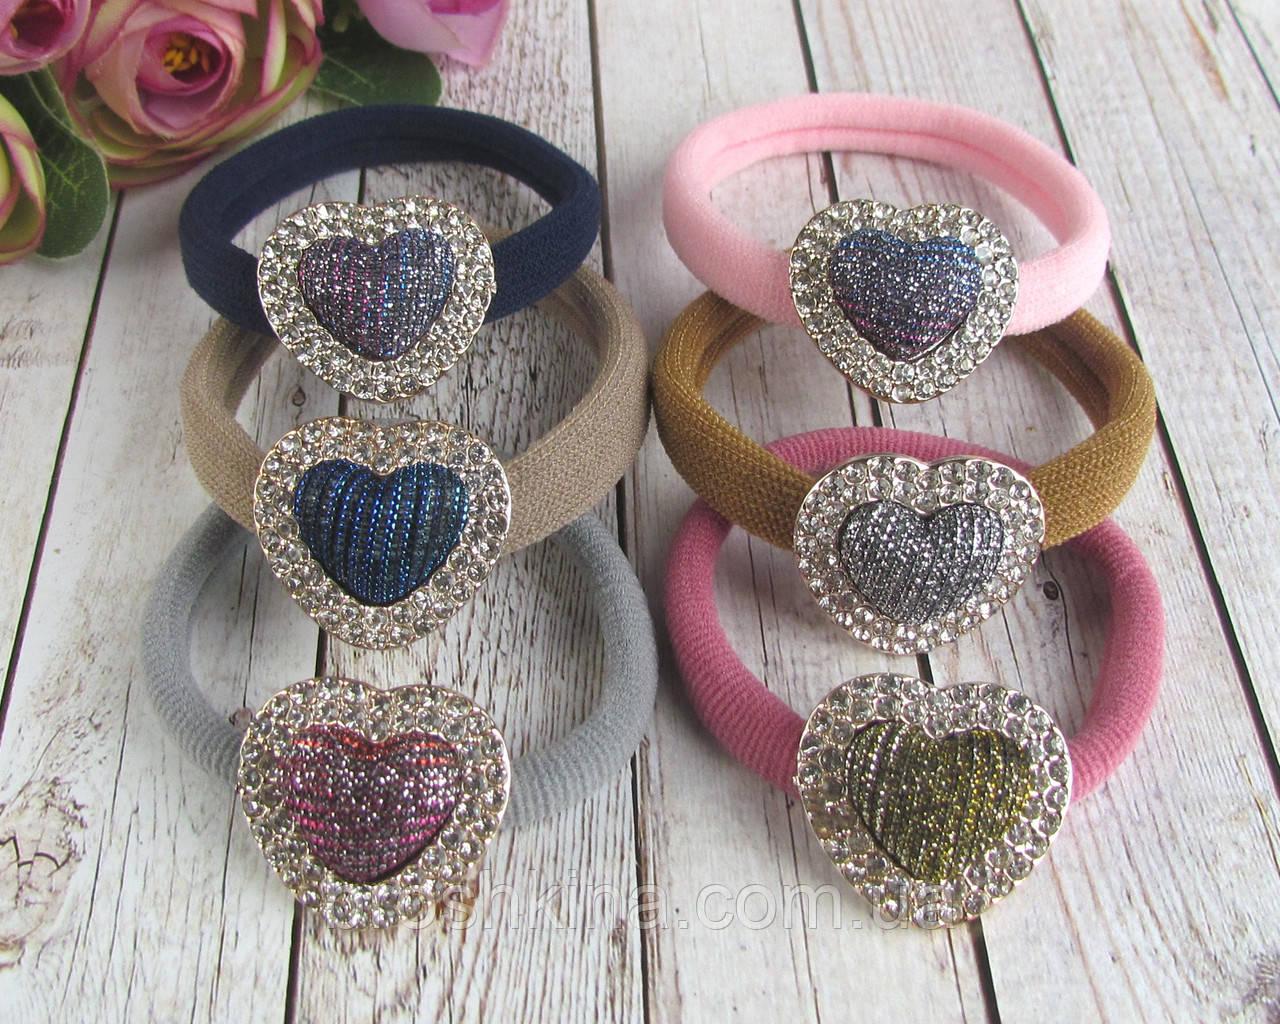 Резинки для волос микрофибра Сердечки со стразами цветные 12 шт/уп.